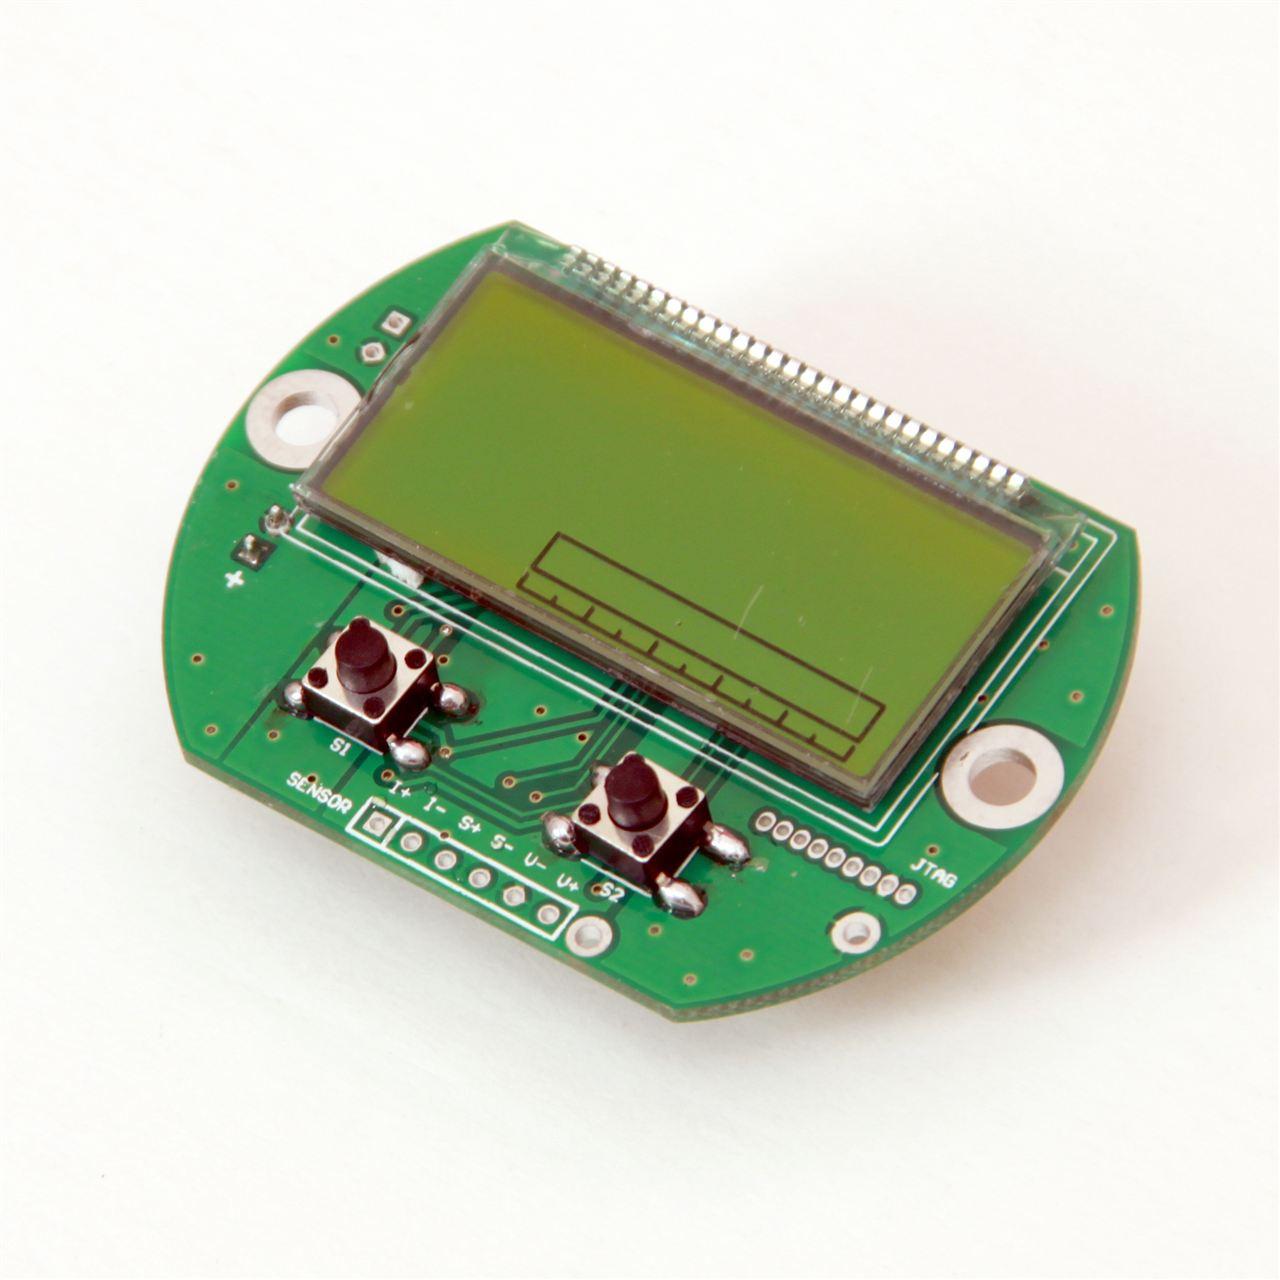 自主知识产权,自主设计,采用高分辨率的24位A/D转换器和微功耗微处理器 内嵌大容量锂离子电池 准4位大屏幕LCD显示,分辨率高,无视值误差. 具有峰值保持功能,可以记录测量过程中的zui大压力值,并可按键清除记录值 压力百分比动态显示,(进度条显示),电池电量准确显示 五种工程单位选择:Mpa,psi、bar、kpa、kg/c,仪表自动转换并进行压力换算 可选择0~15分钟自动关机功能。 整机微功耗设计,在节电模式可工作2年以上,连续工作2500小时。 全部参数按键修正功能,现场能对仪